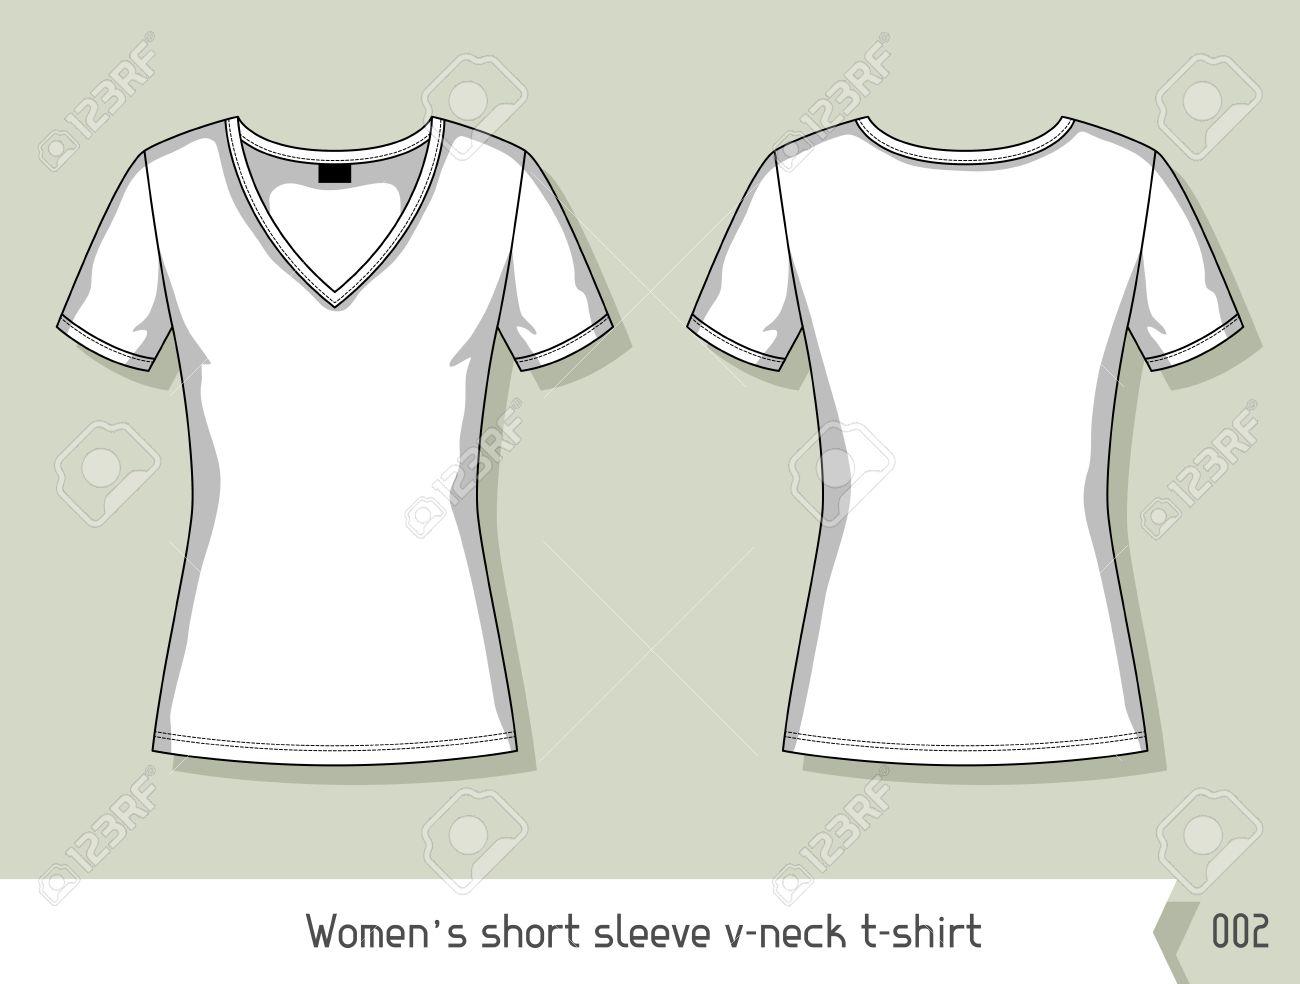 Women Short Sleeve V Neck T Shirt Template For Design Easily